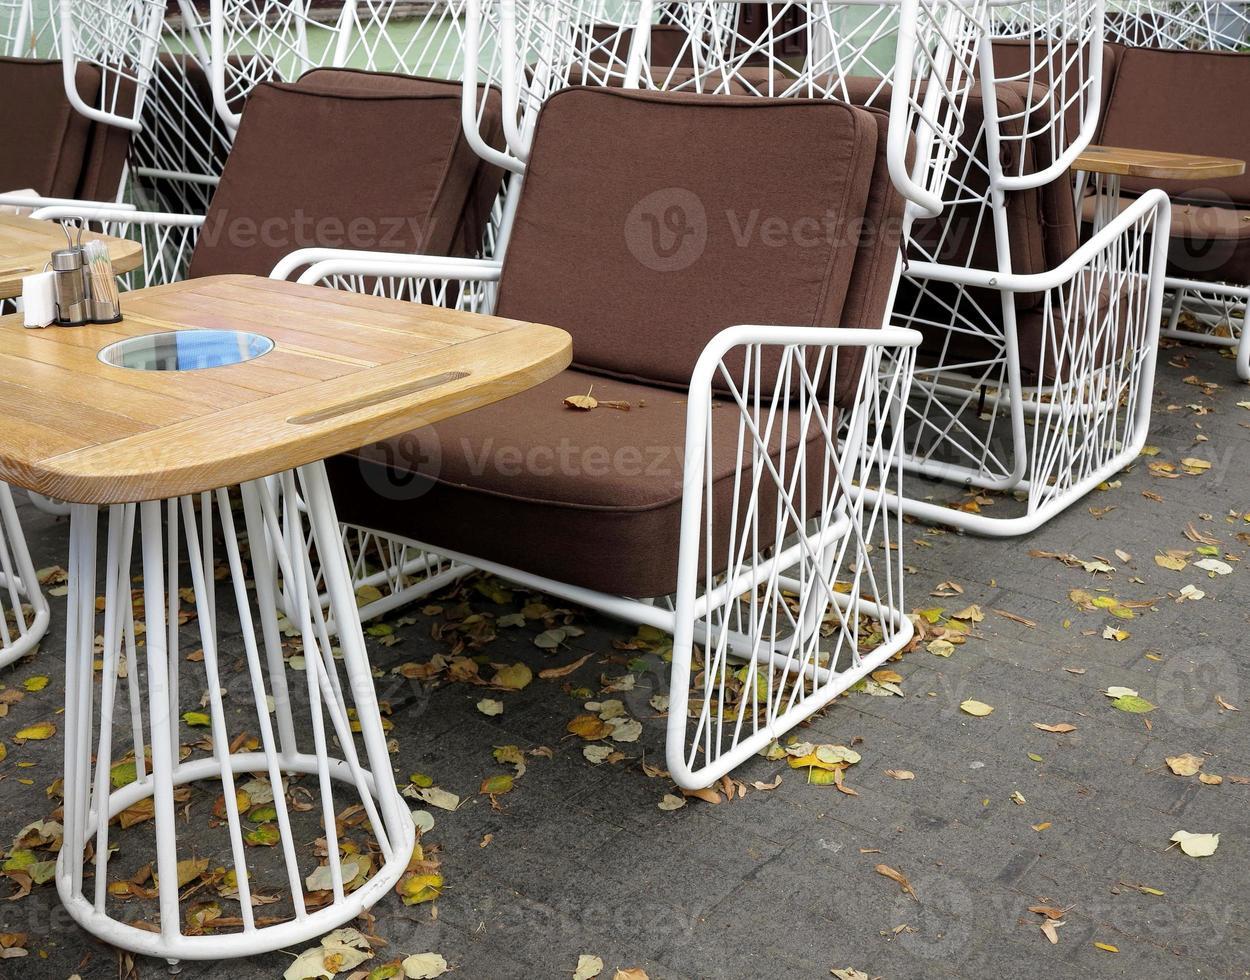 leere Herbstkaffeeterrasse mit Tischen und Stühlen. foto